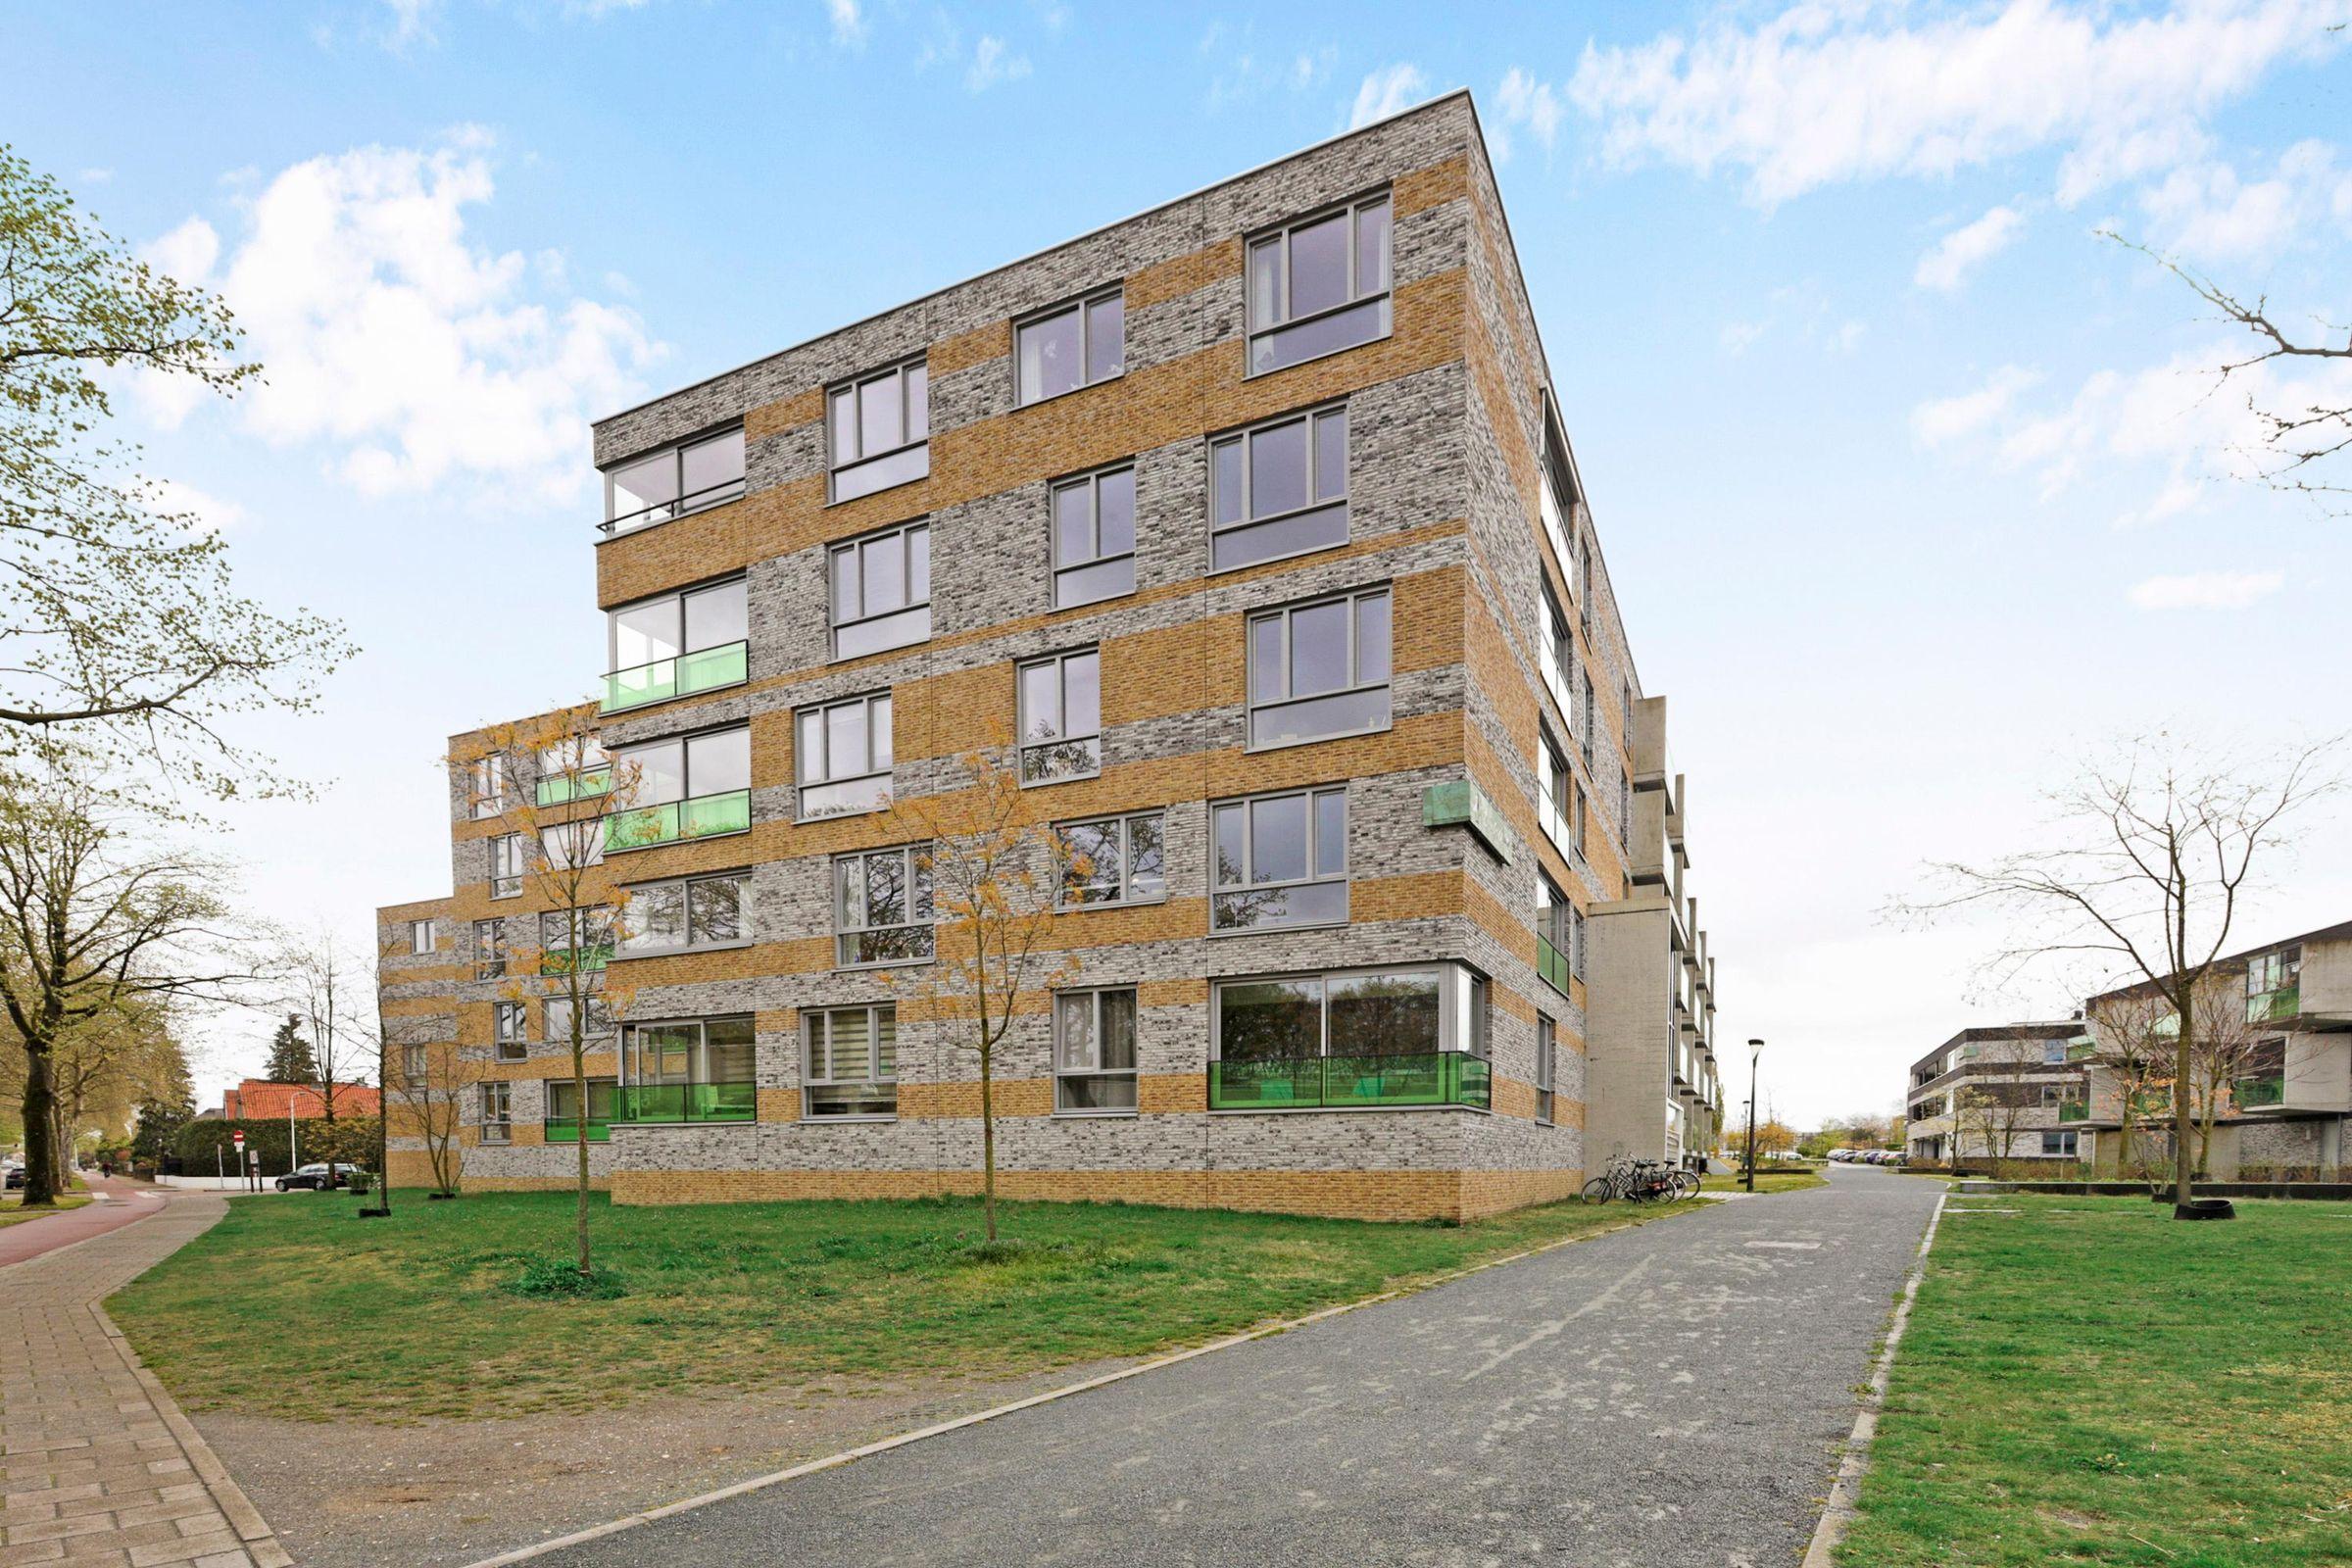 Toos Korvezeepad 114, Nijmegen